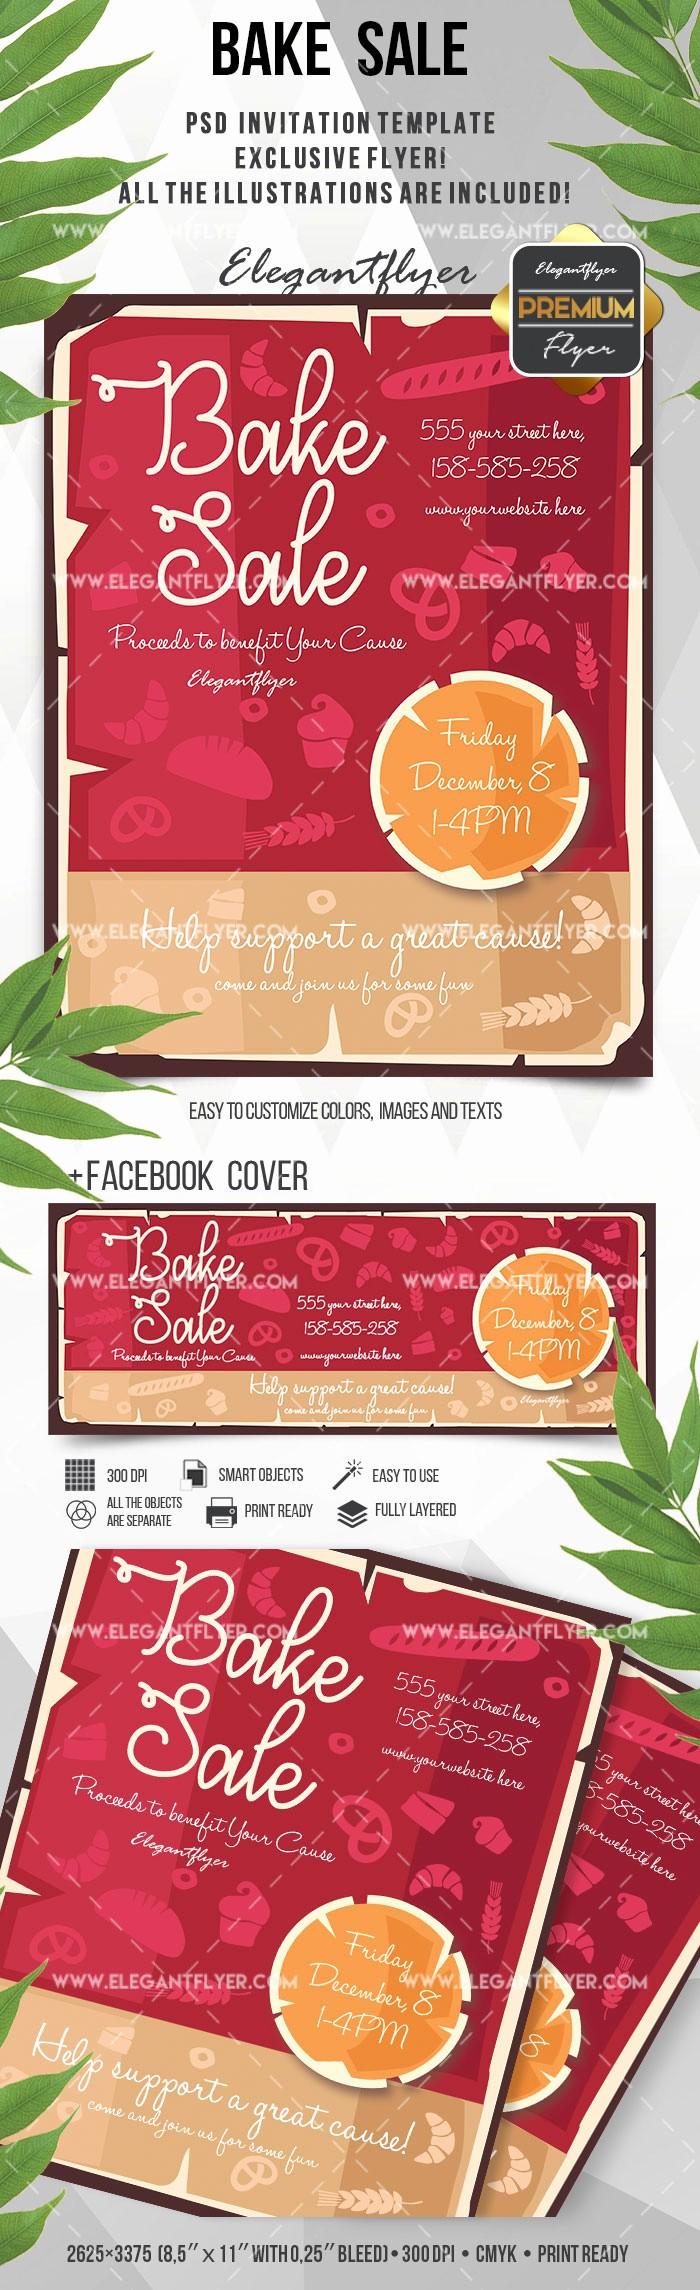 Bake Sale Flyer Template Free Unique Bake Sale Poster – by Elegantflyer